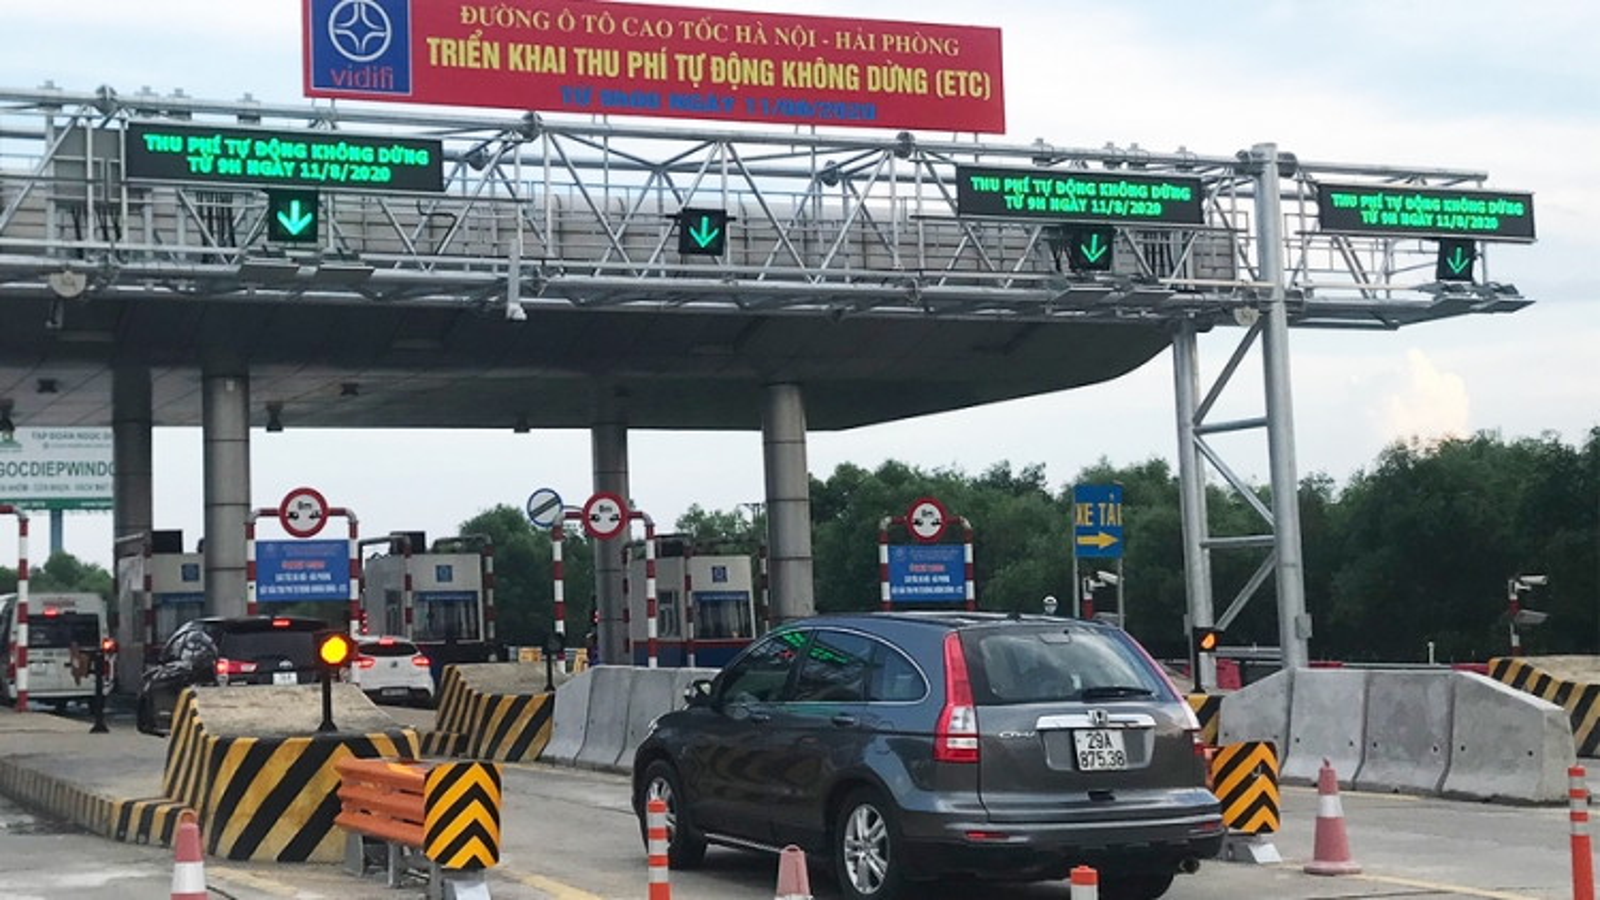 Đề xuất giảm 30% giá vé cho xe lưu thông cao tốc Hà Nội-Hải Phòng